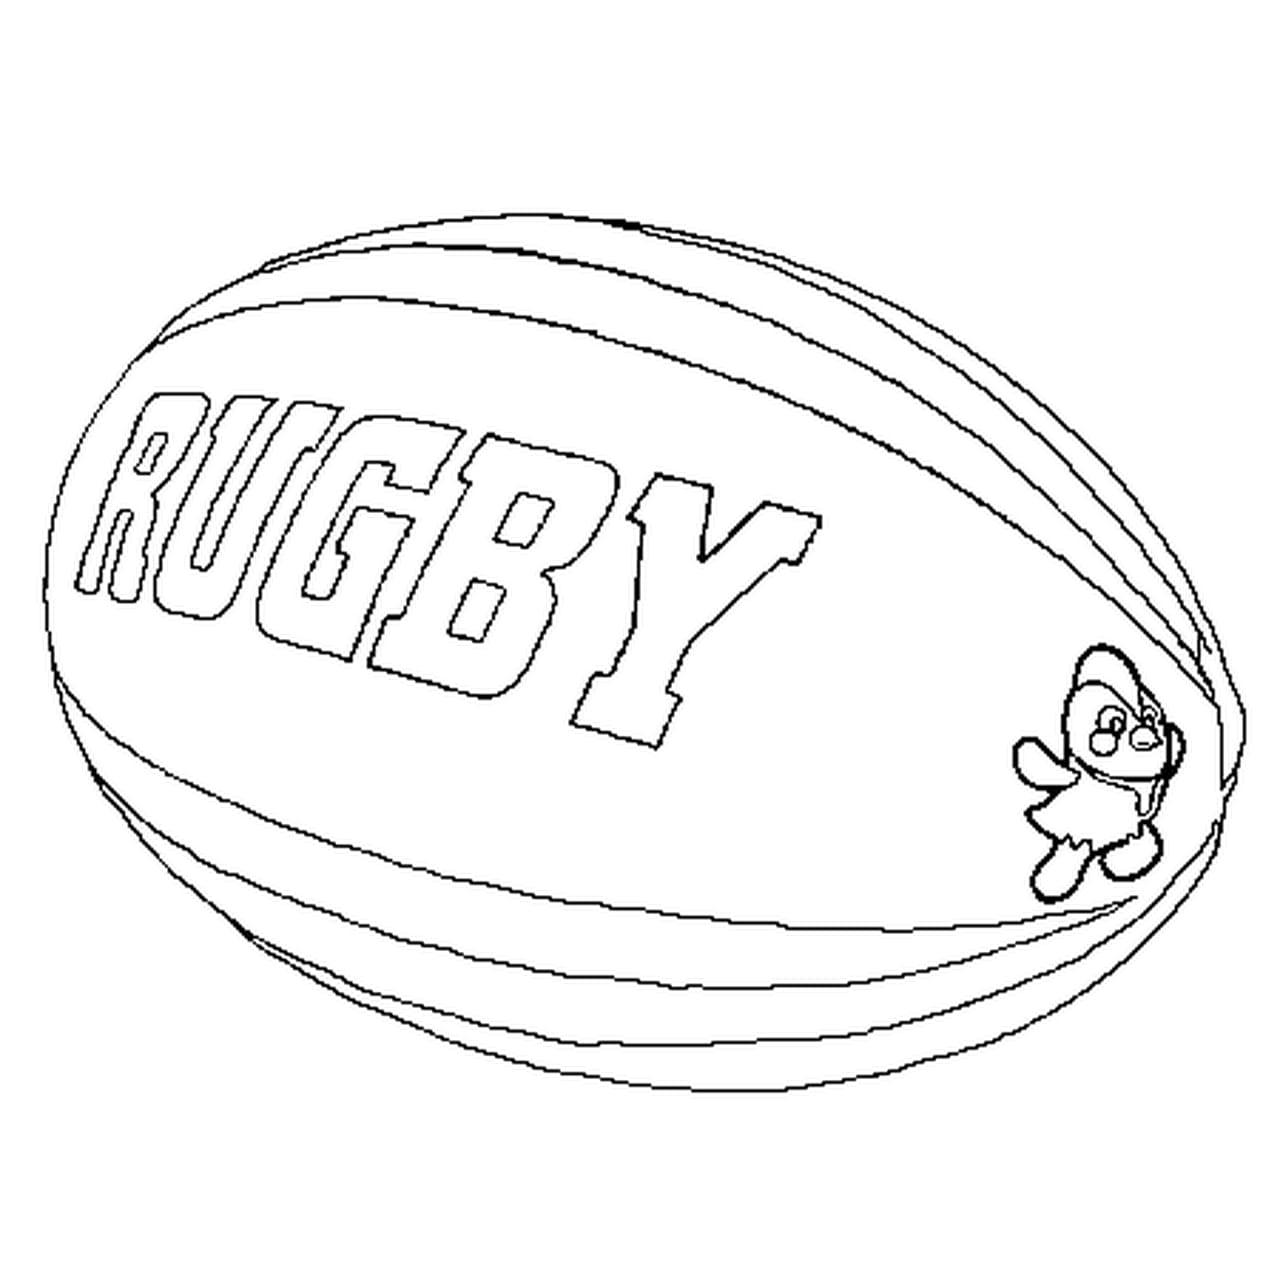 Coloriage Ballon De Rugby.Coloriage Ballon De Rugby En Ligne Gratuit A Imprimer